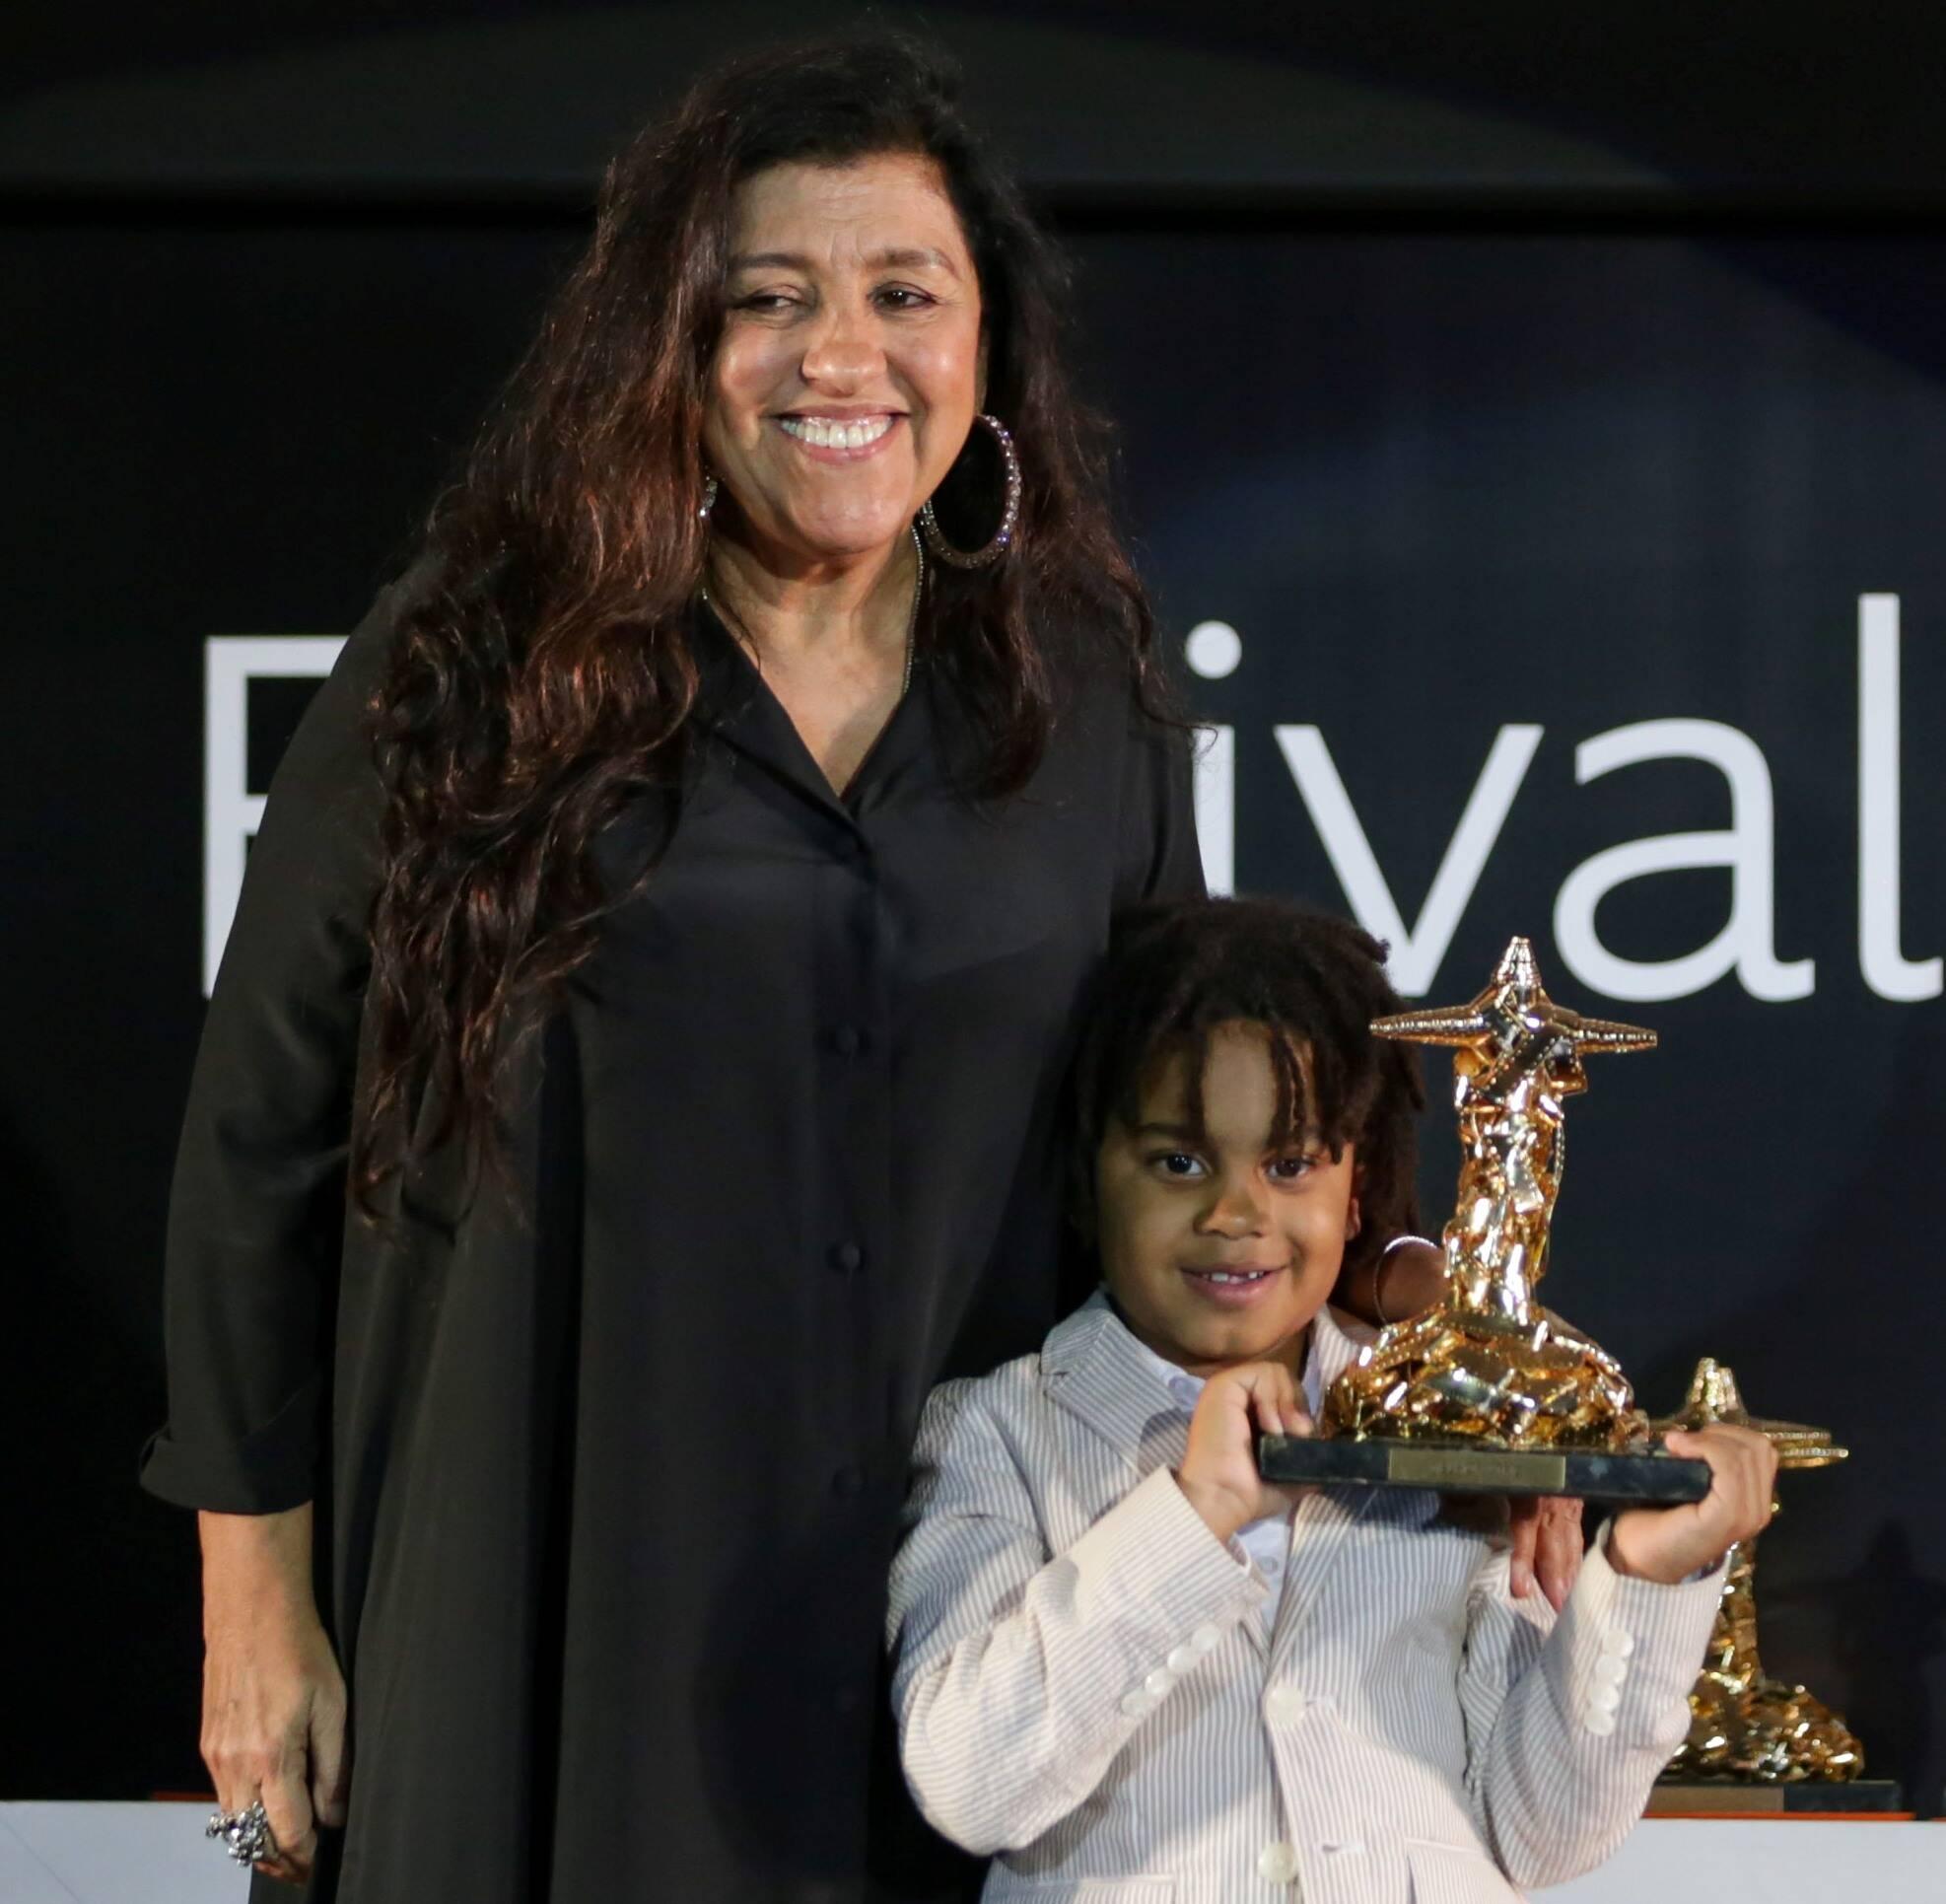 Regina Casé recebe prêmio de melhor atriz no Festival do Rio com o filho, Roque /Foto: Davi Campana